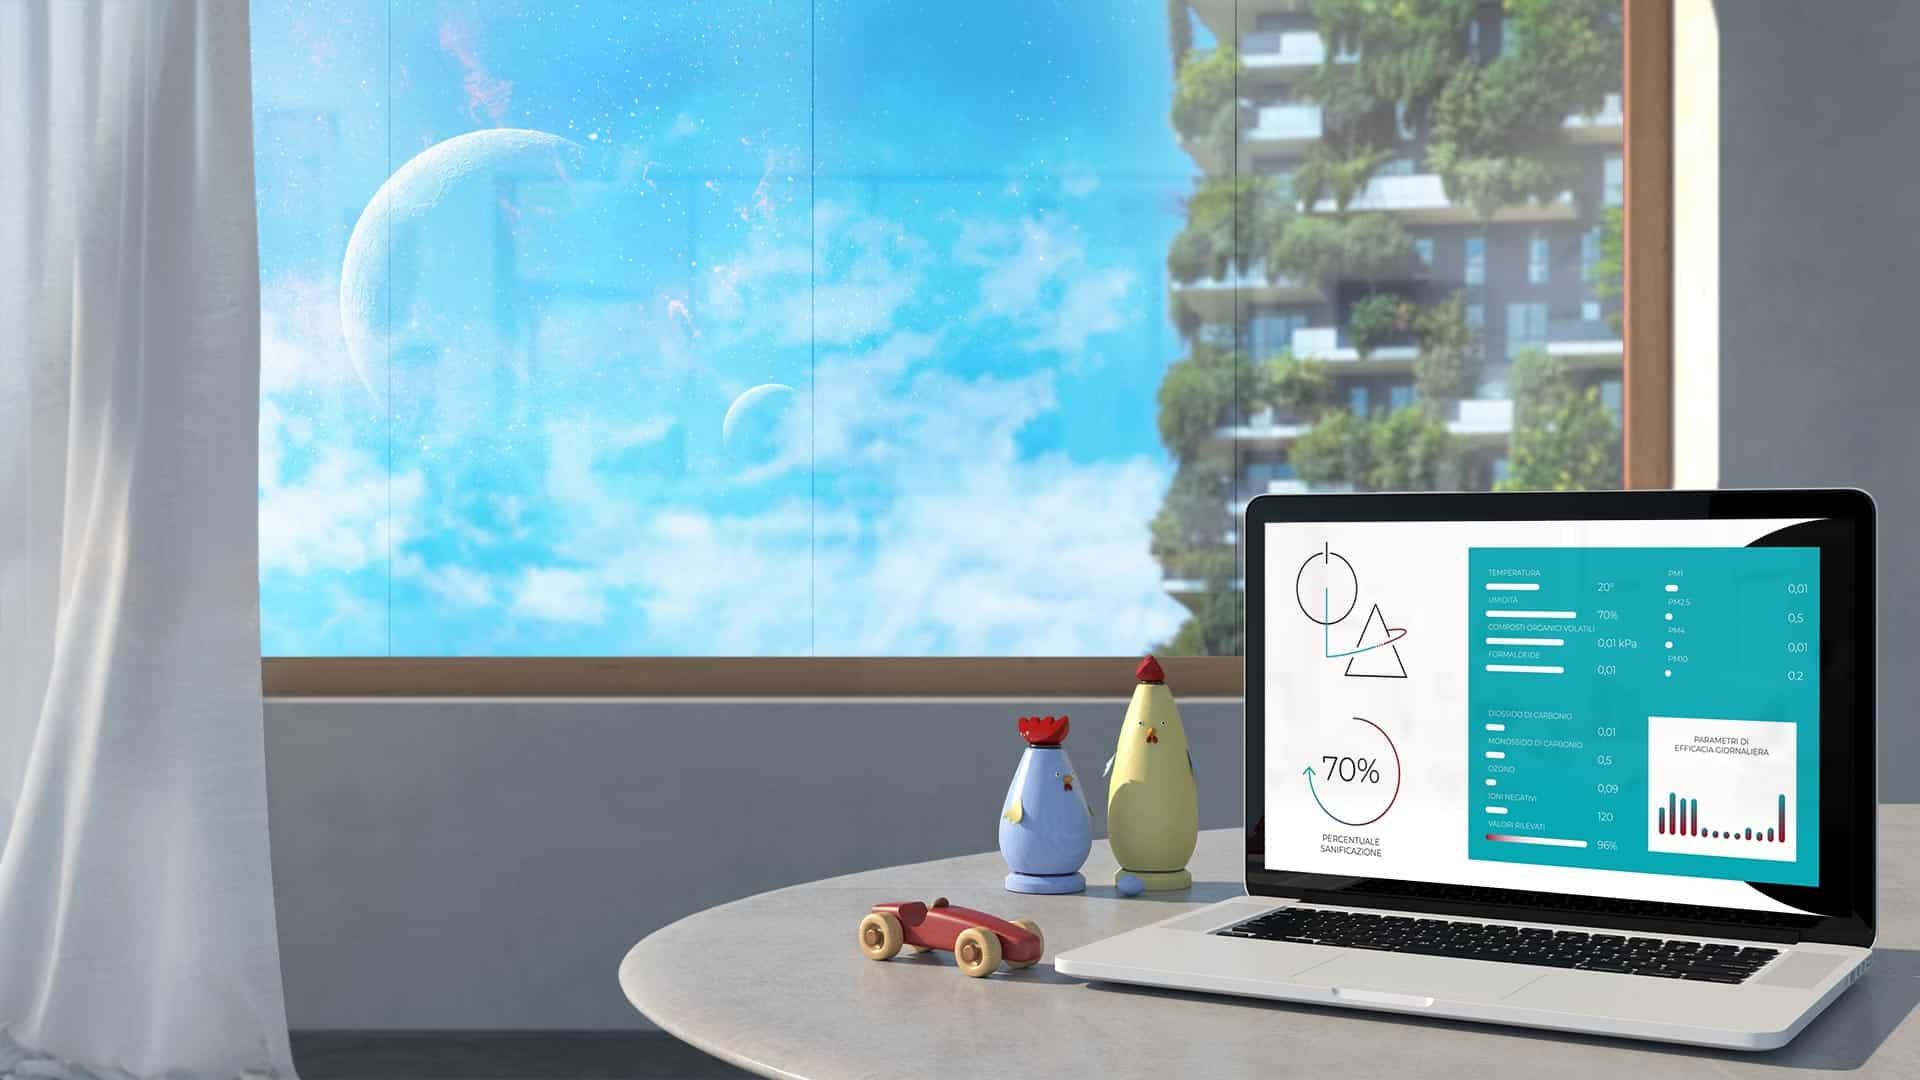 Immagine di una stanza con un tavolino, dei giocattoli e un laptop